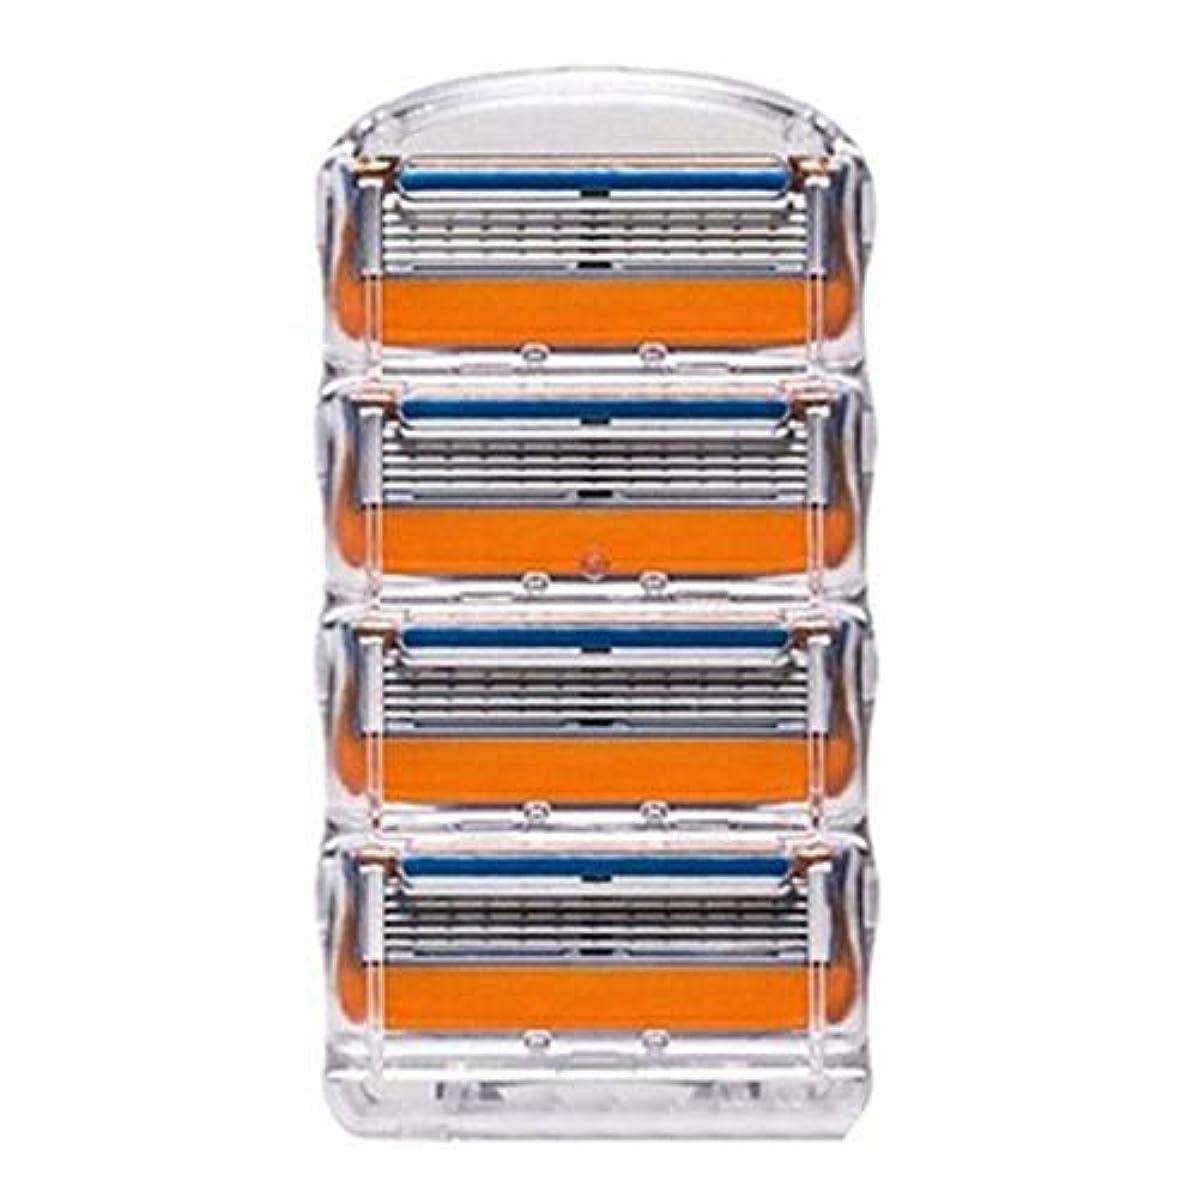 ディスコ地下室海ZYL-YL 任意のペースハンドルに互換性の男性の共通のドッキングシステム(4カウント)のためのマニュアルカミソリ超シャープ5ブレードシェービングシステム (色 : 4-piece)